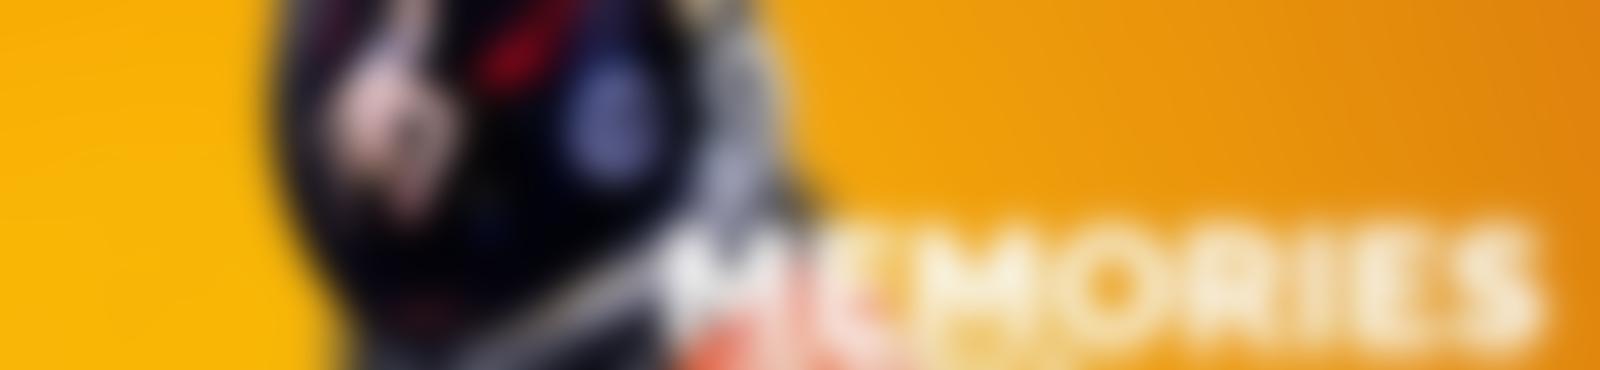 Blurred 29f8fd5d 6952 4500 9d74 295299ffb51b